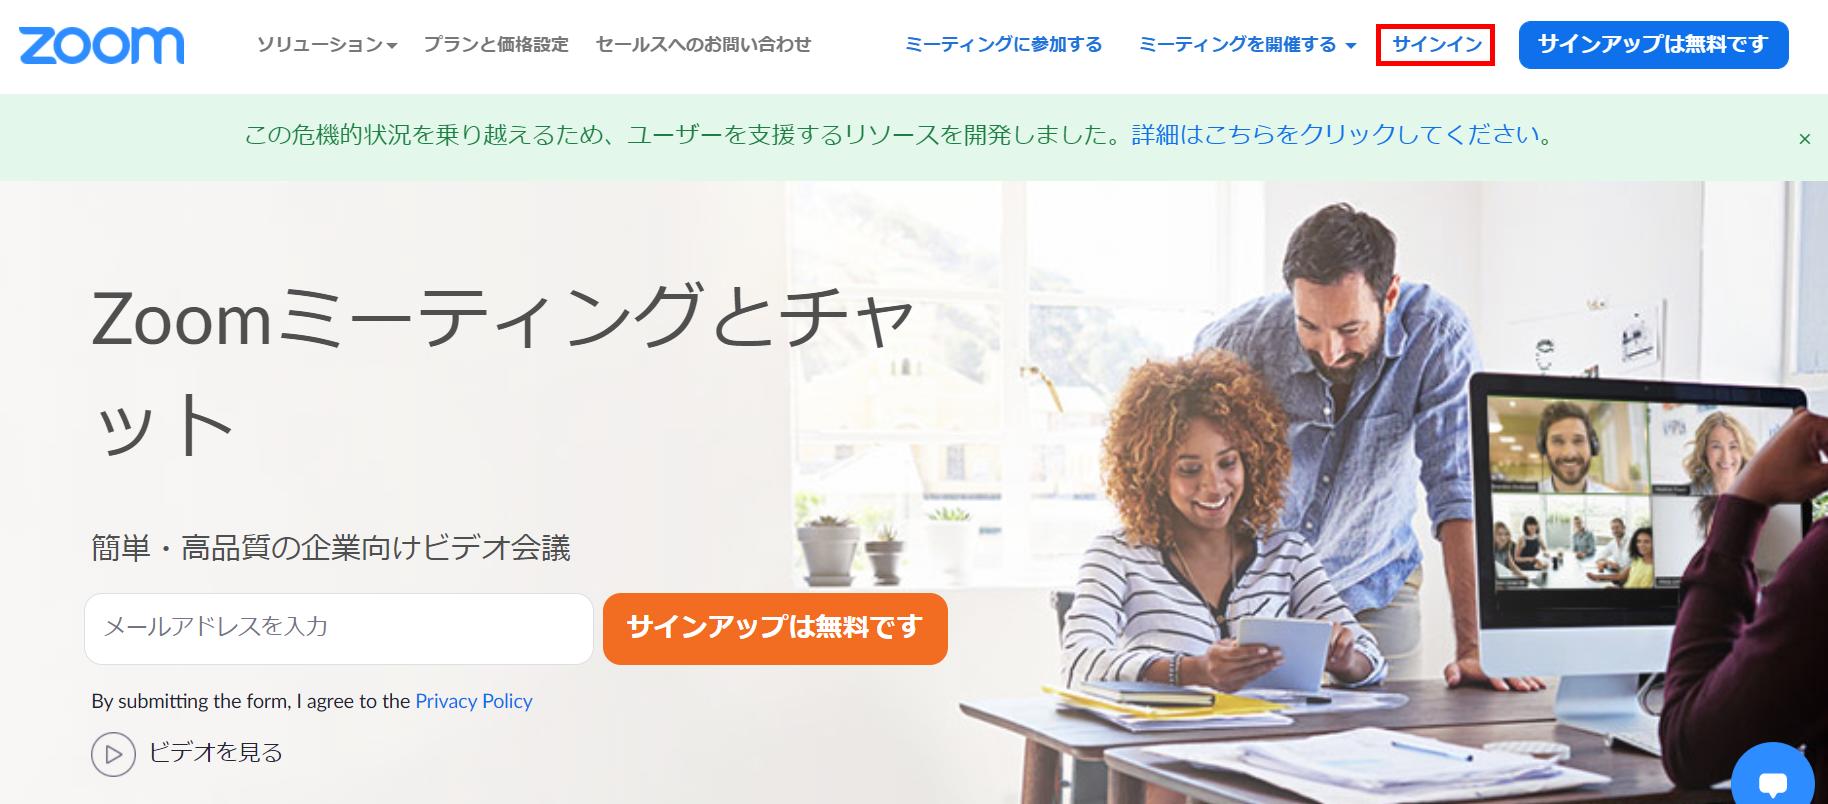 ホストの設定で参加者の画面に「ブラウザから起動してください」を表示する1